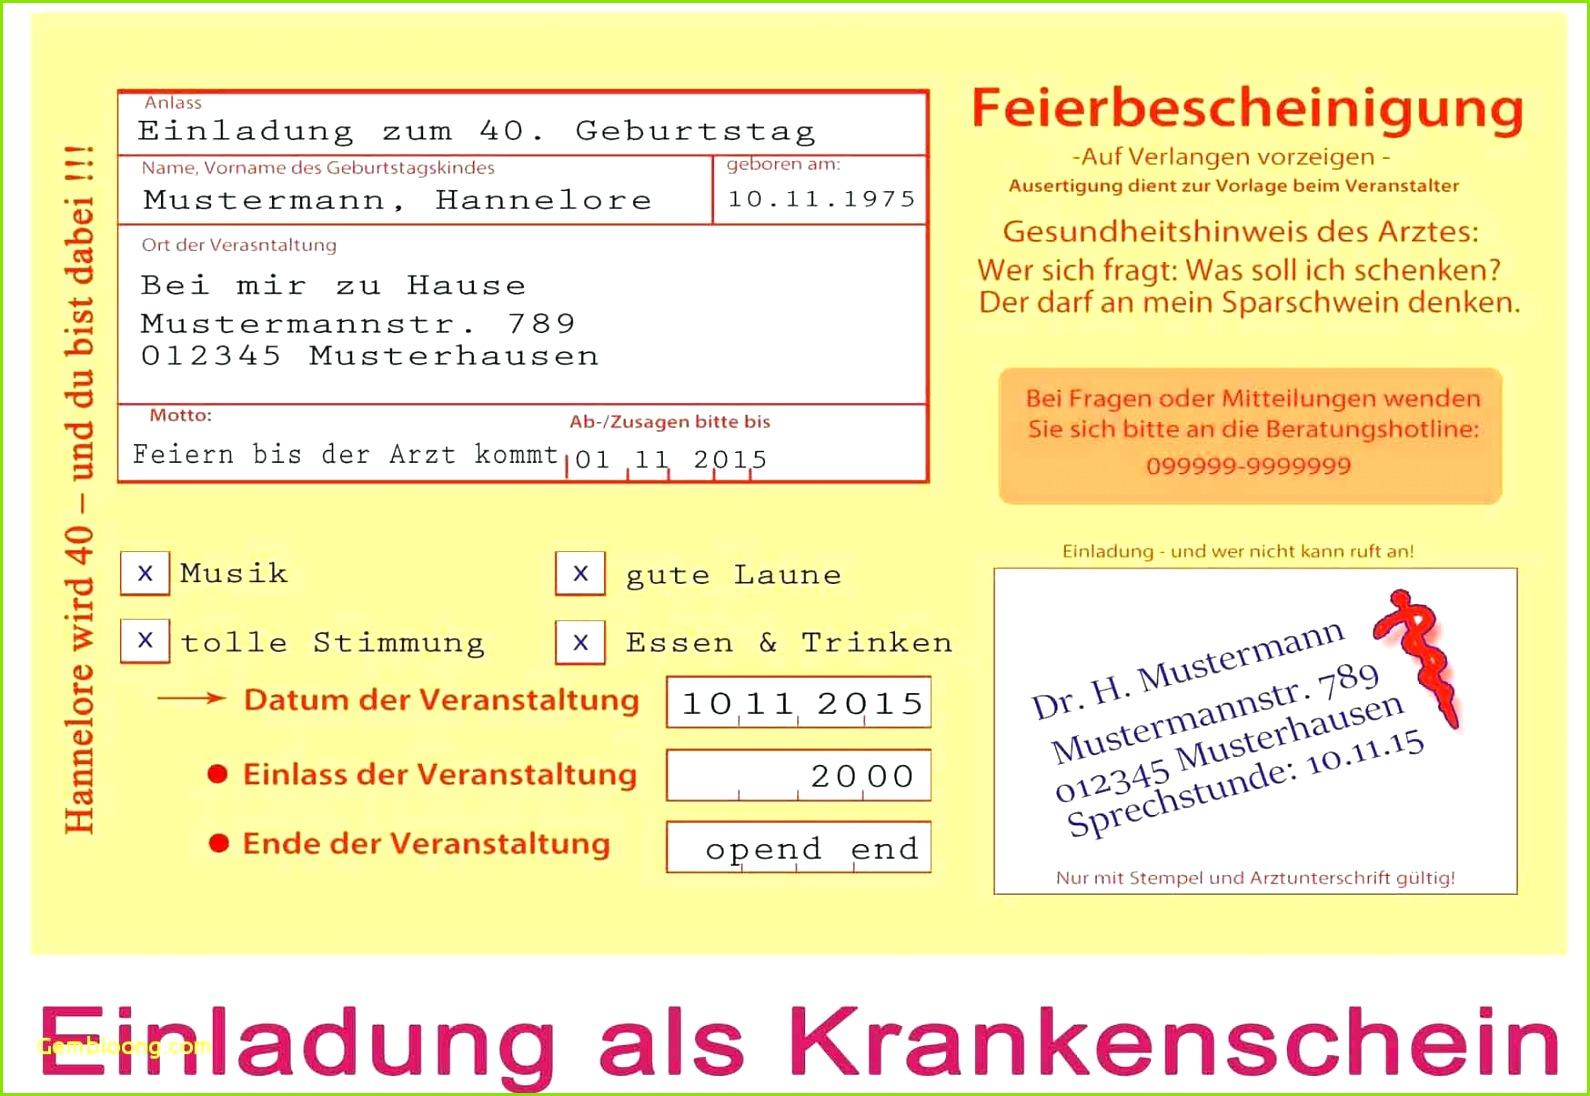 Einladung 50 Geburtstag Vorlagen Geburtstag Einladung 50 Frisch Einladungskarten Vorlagen Geburtstag Einladung 50 Geburtstag Vorlagen